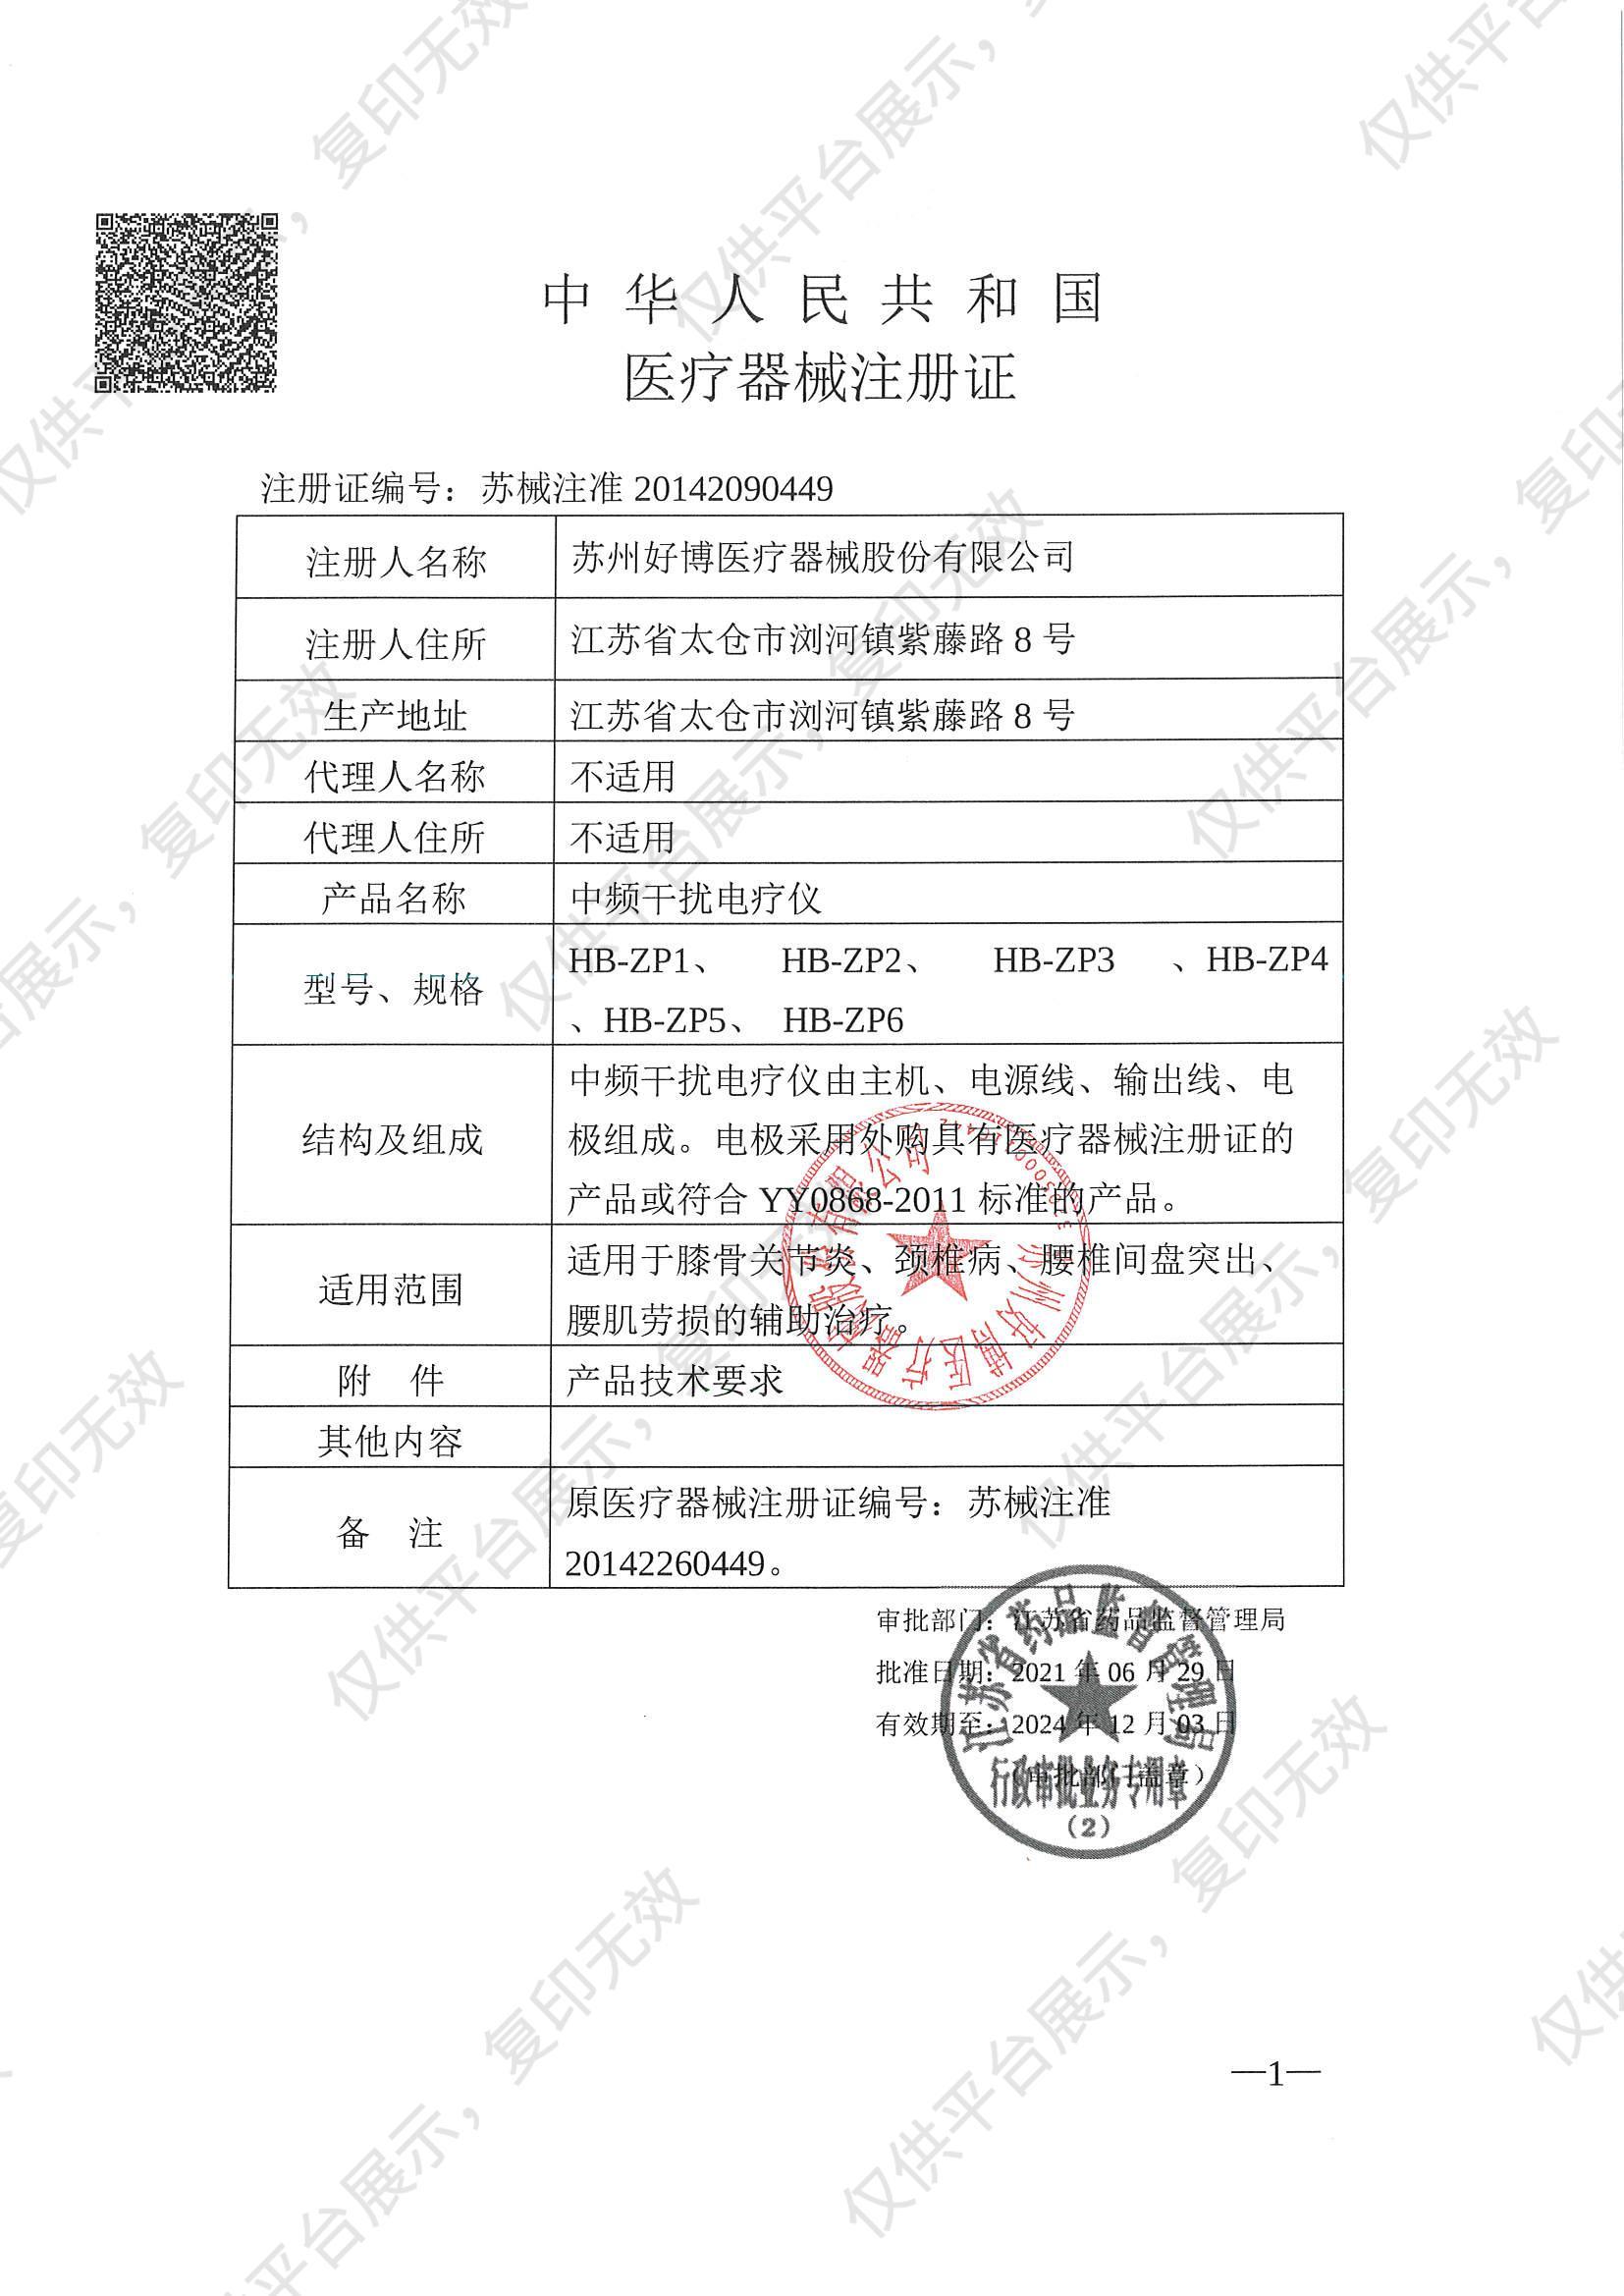 好博Haobro 中频干扰电疗仪 HB-ZP4注册证